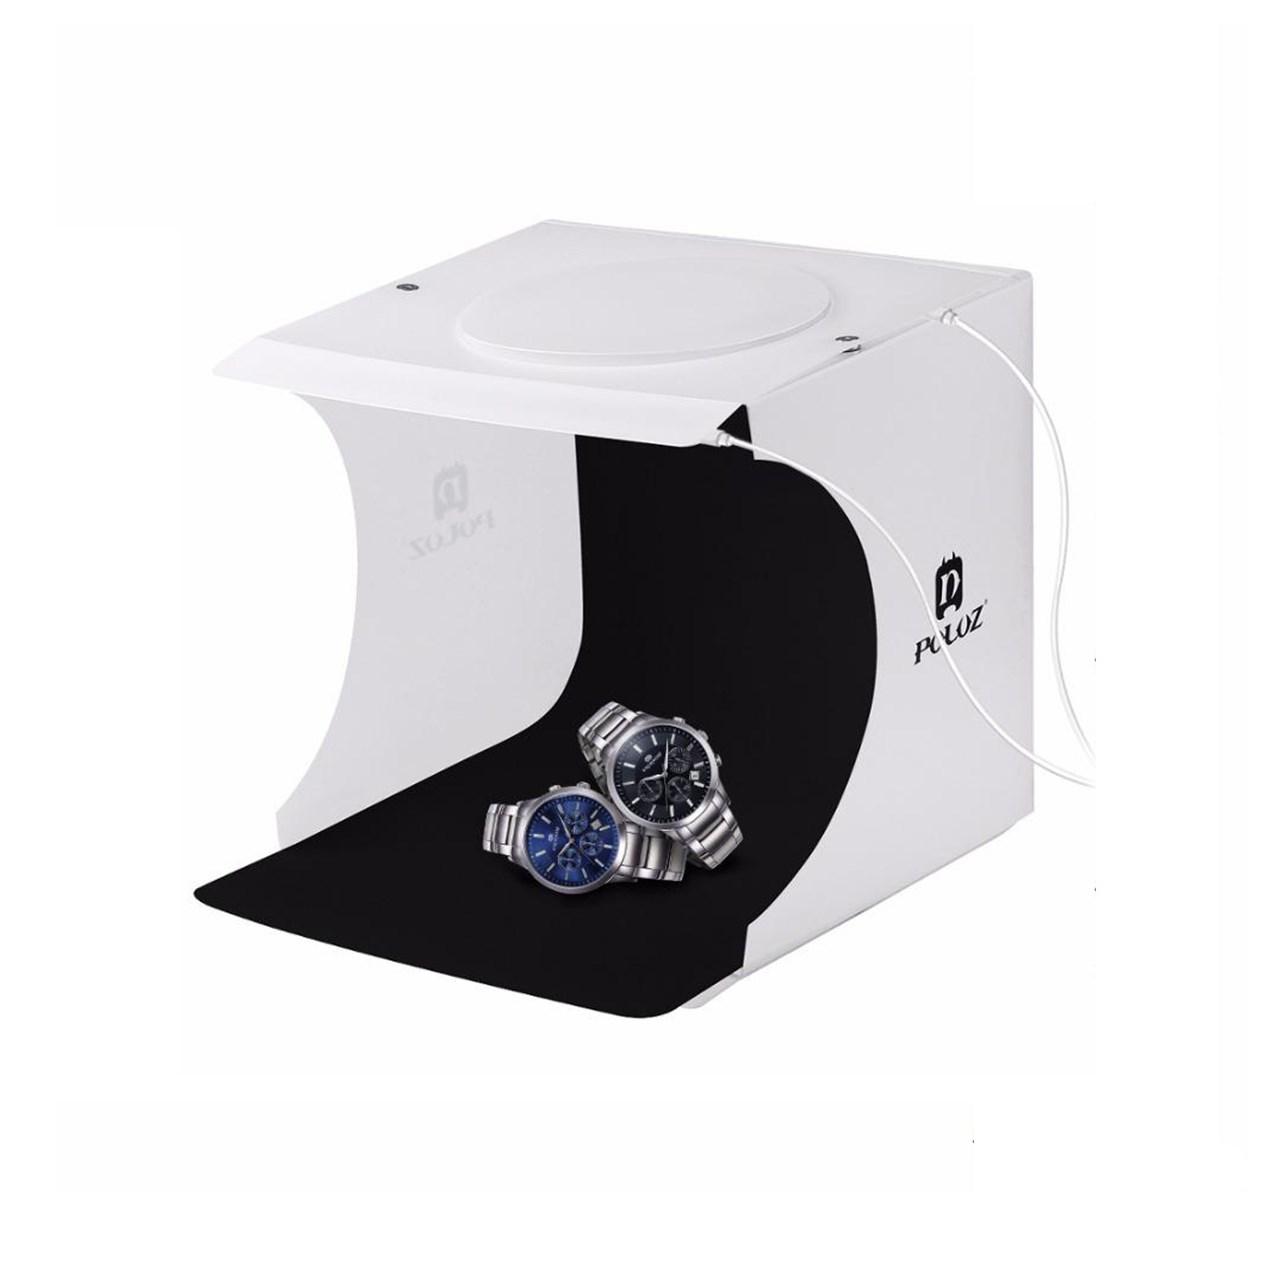 چادر عکاسی پلوز مدل Mini سایز 20X20 سانتی متر